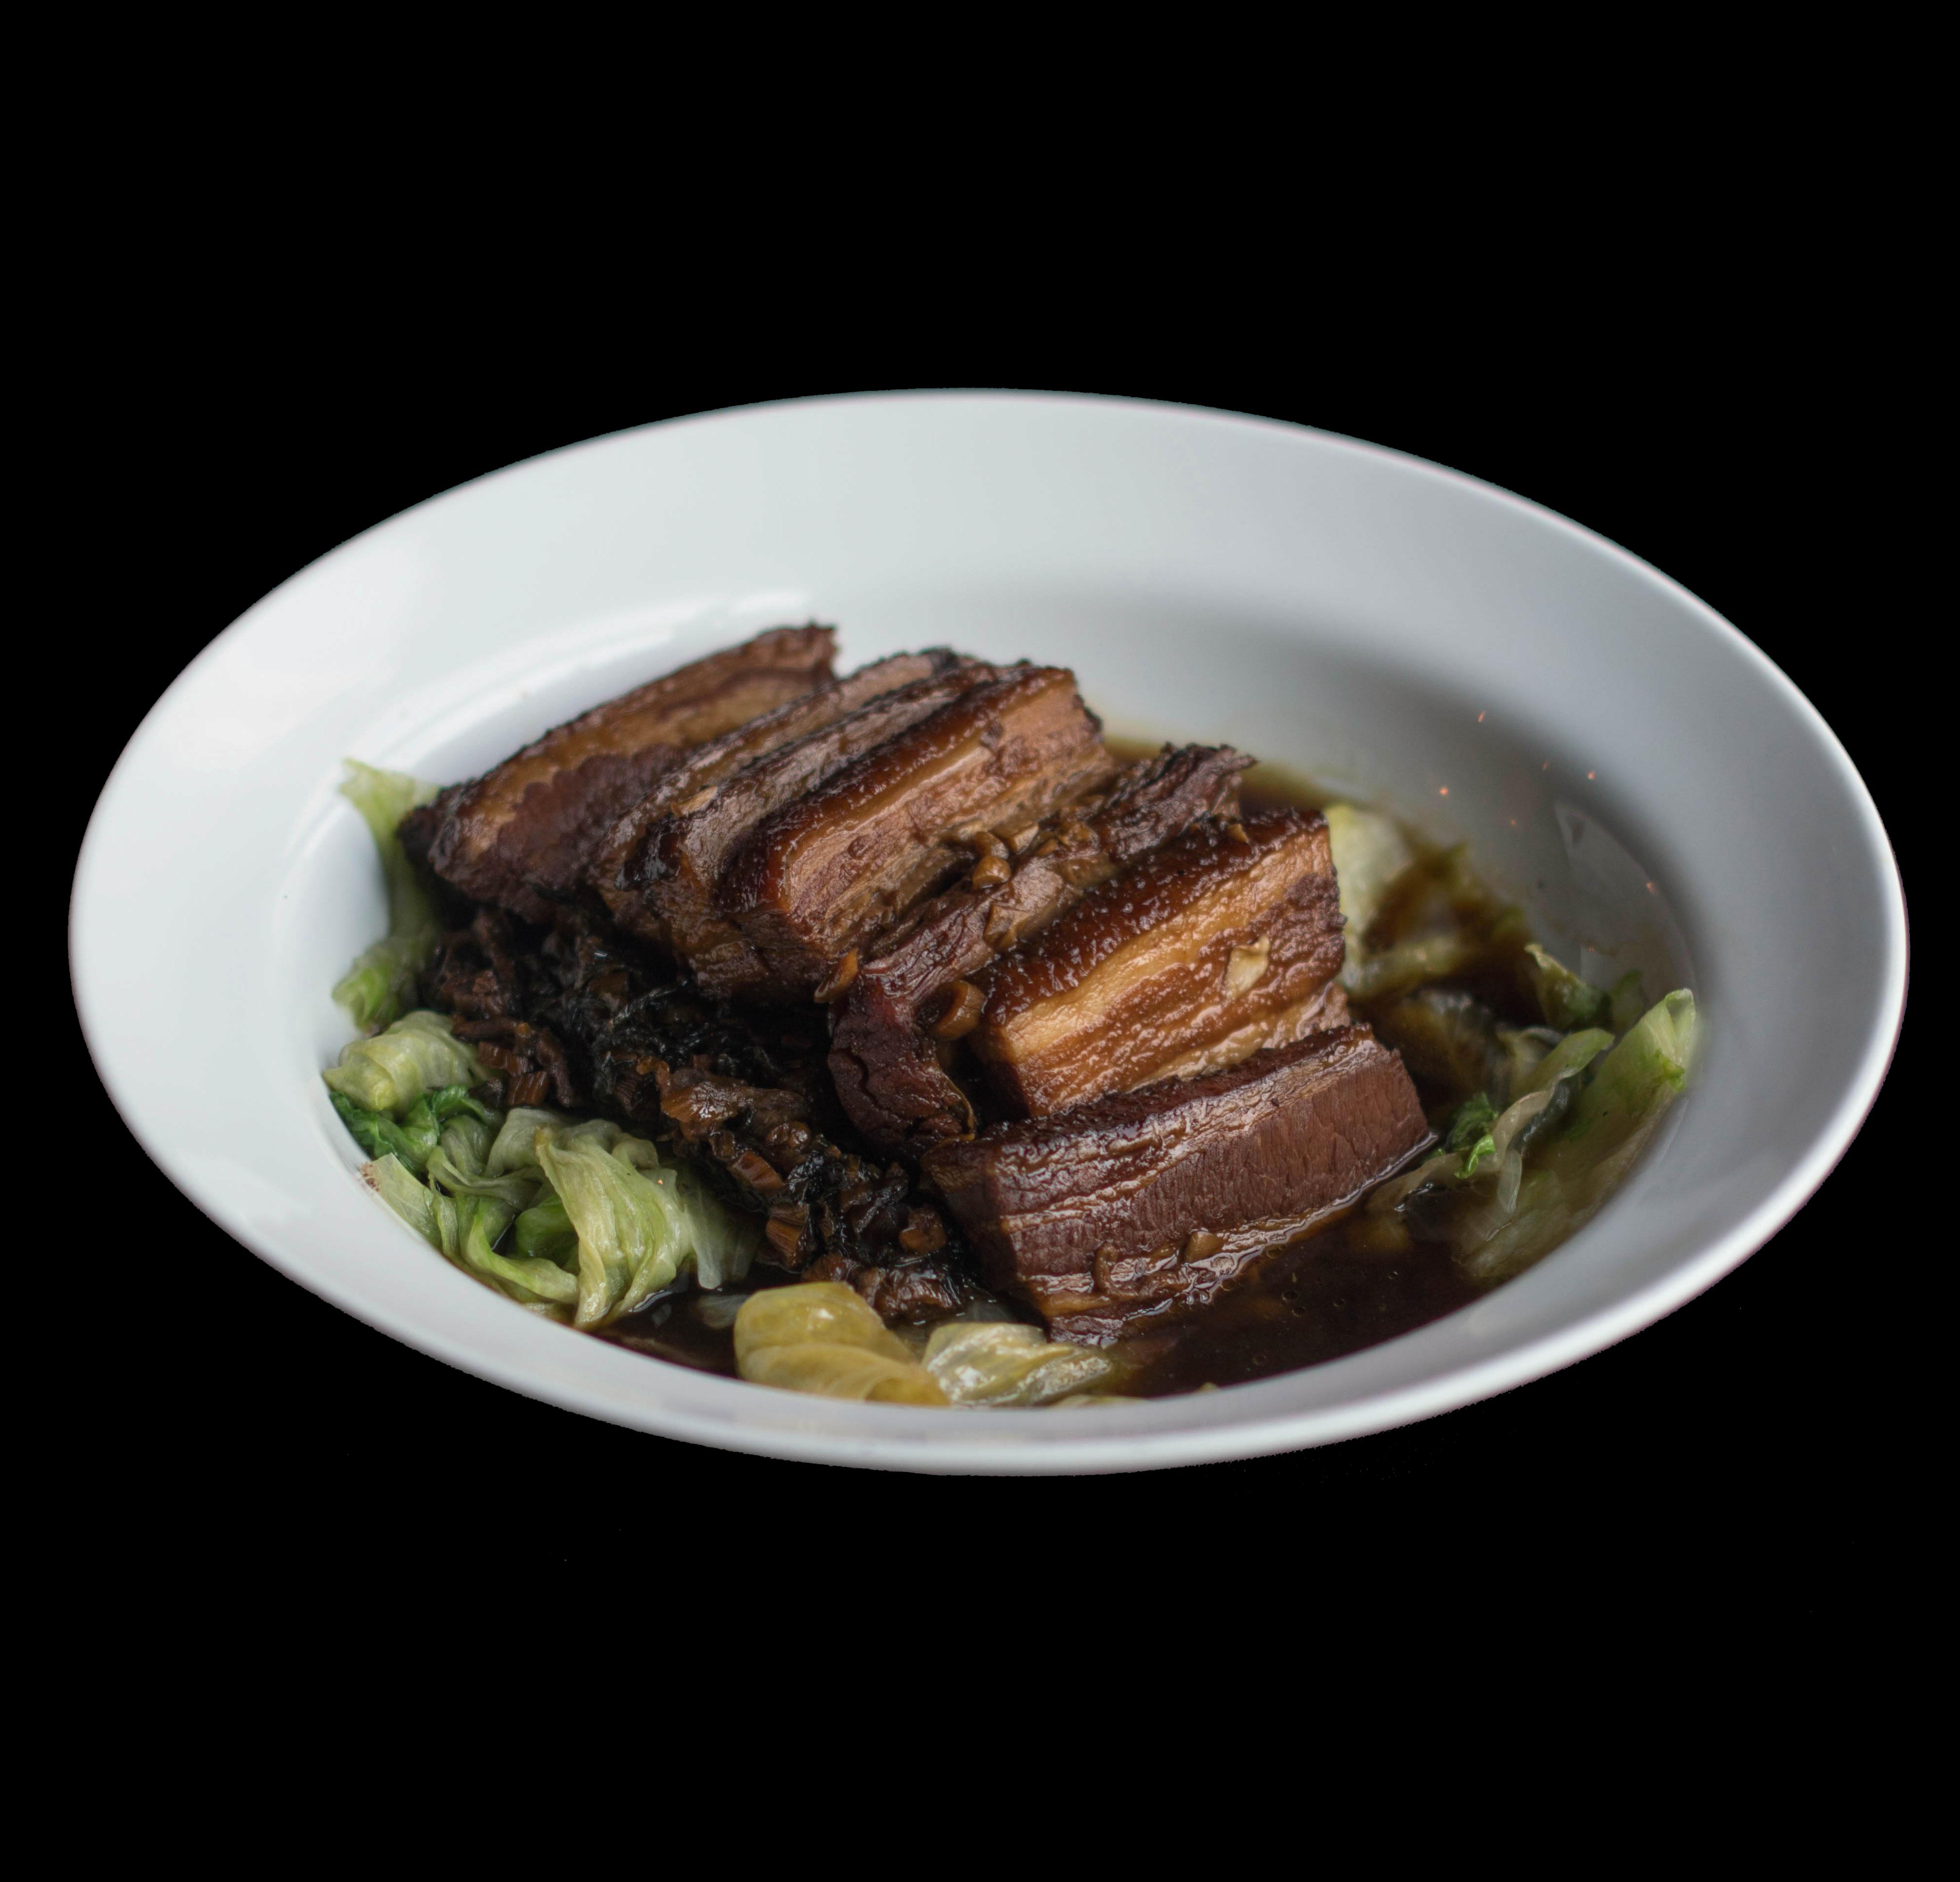 90. 梅菜扣肉 Mui Coy Braised Pork Belly Image